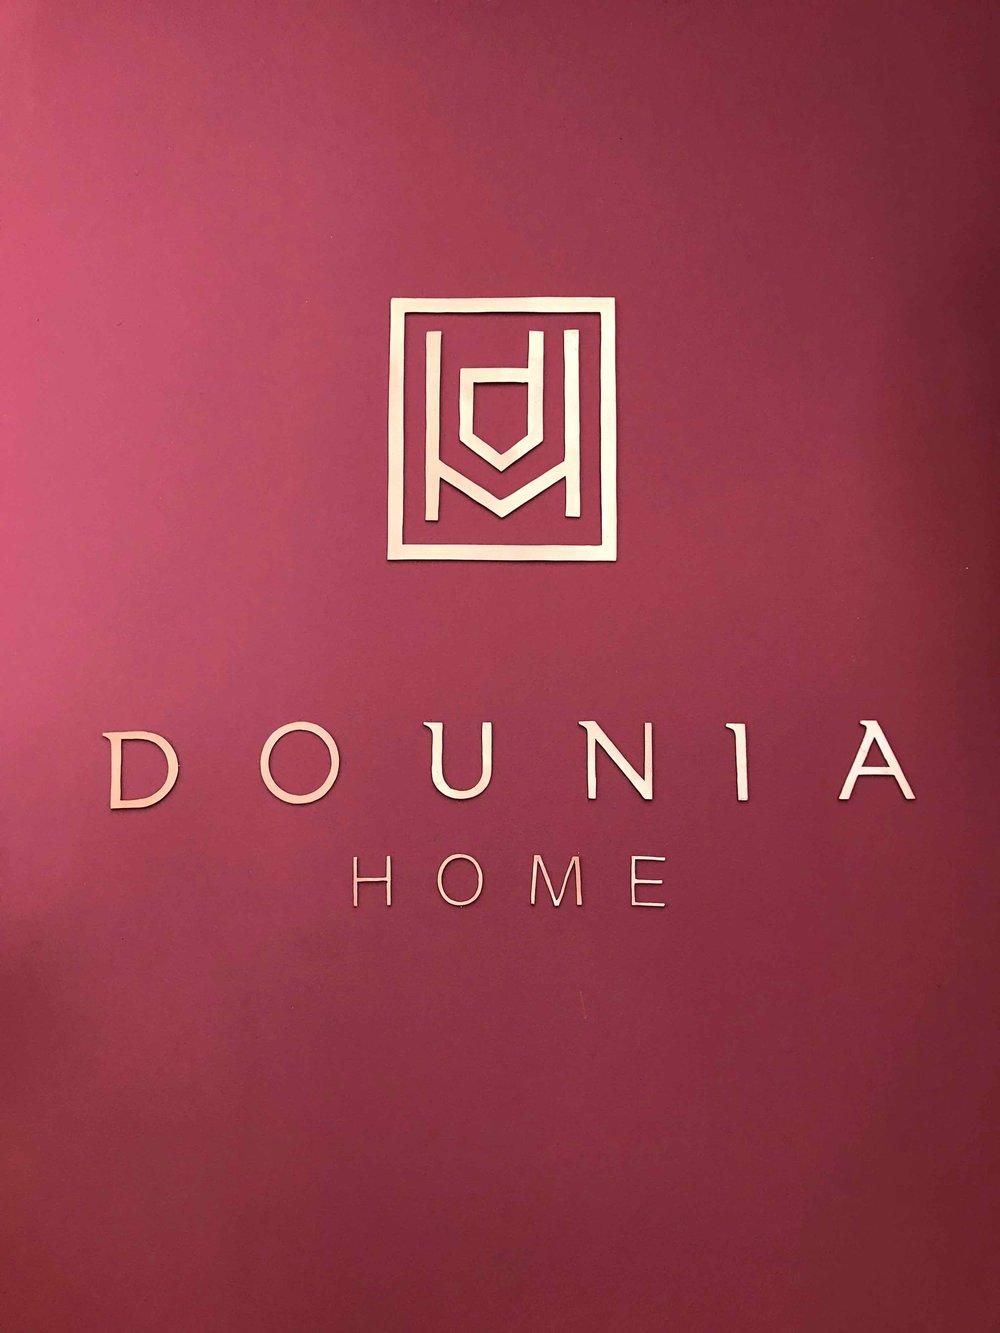 Dounia_Home_Logo_2.jpg